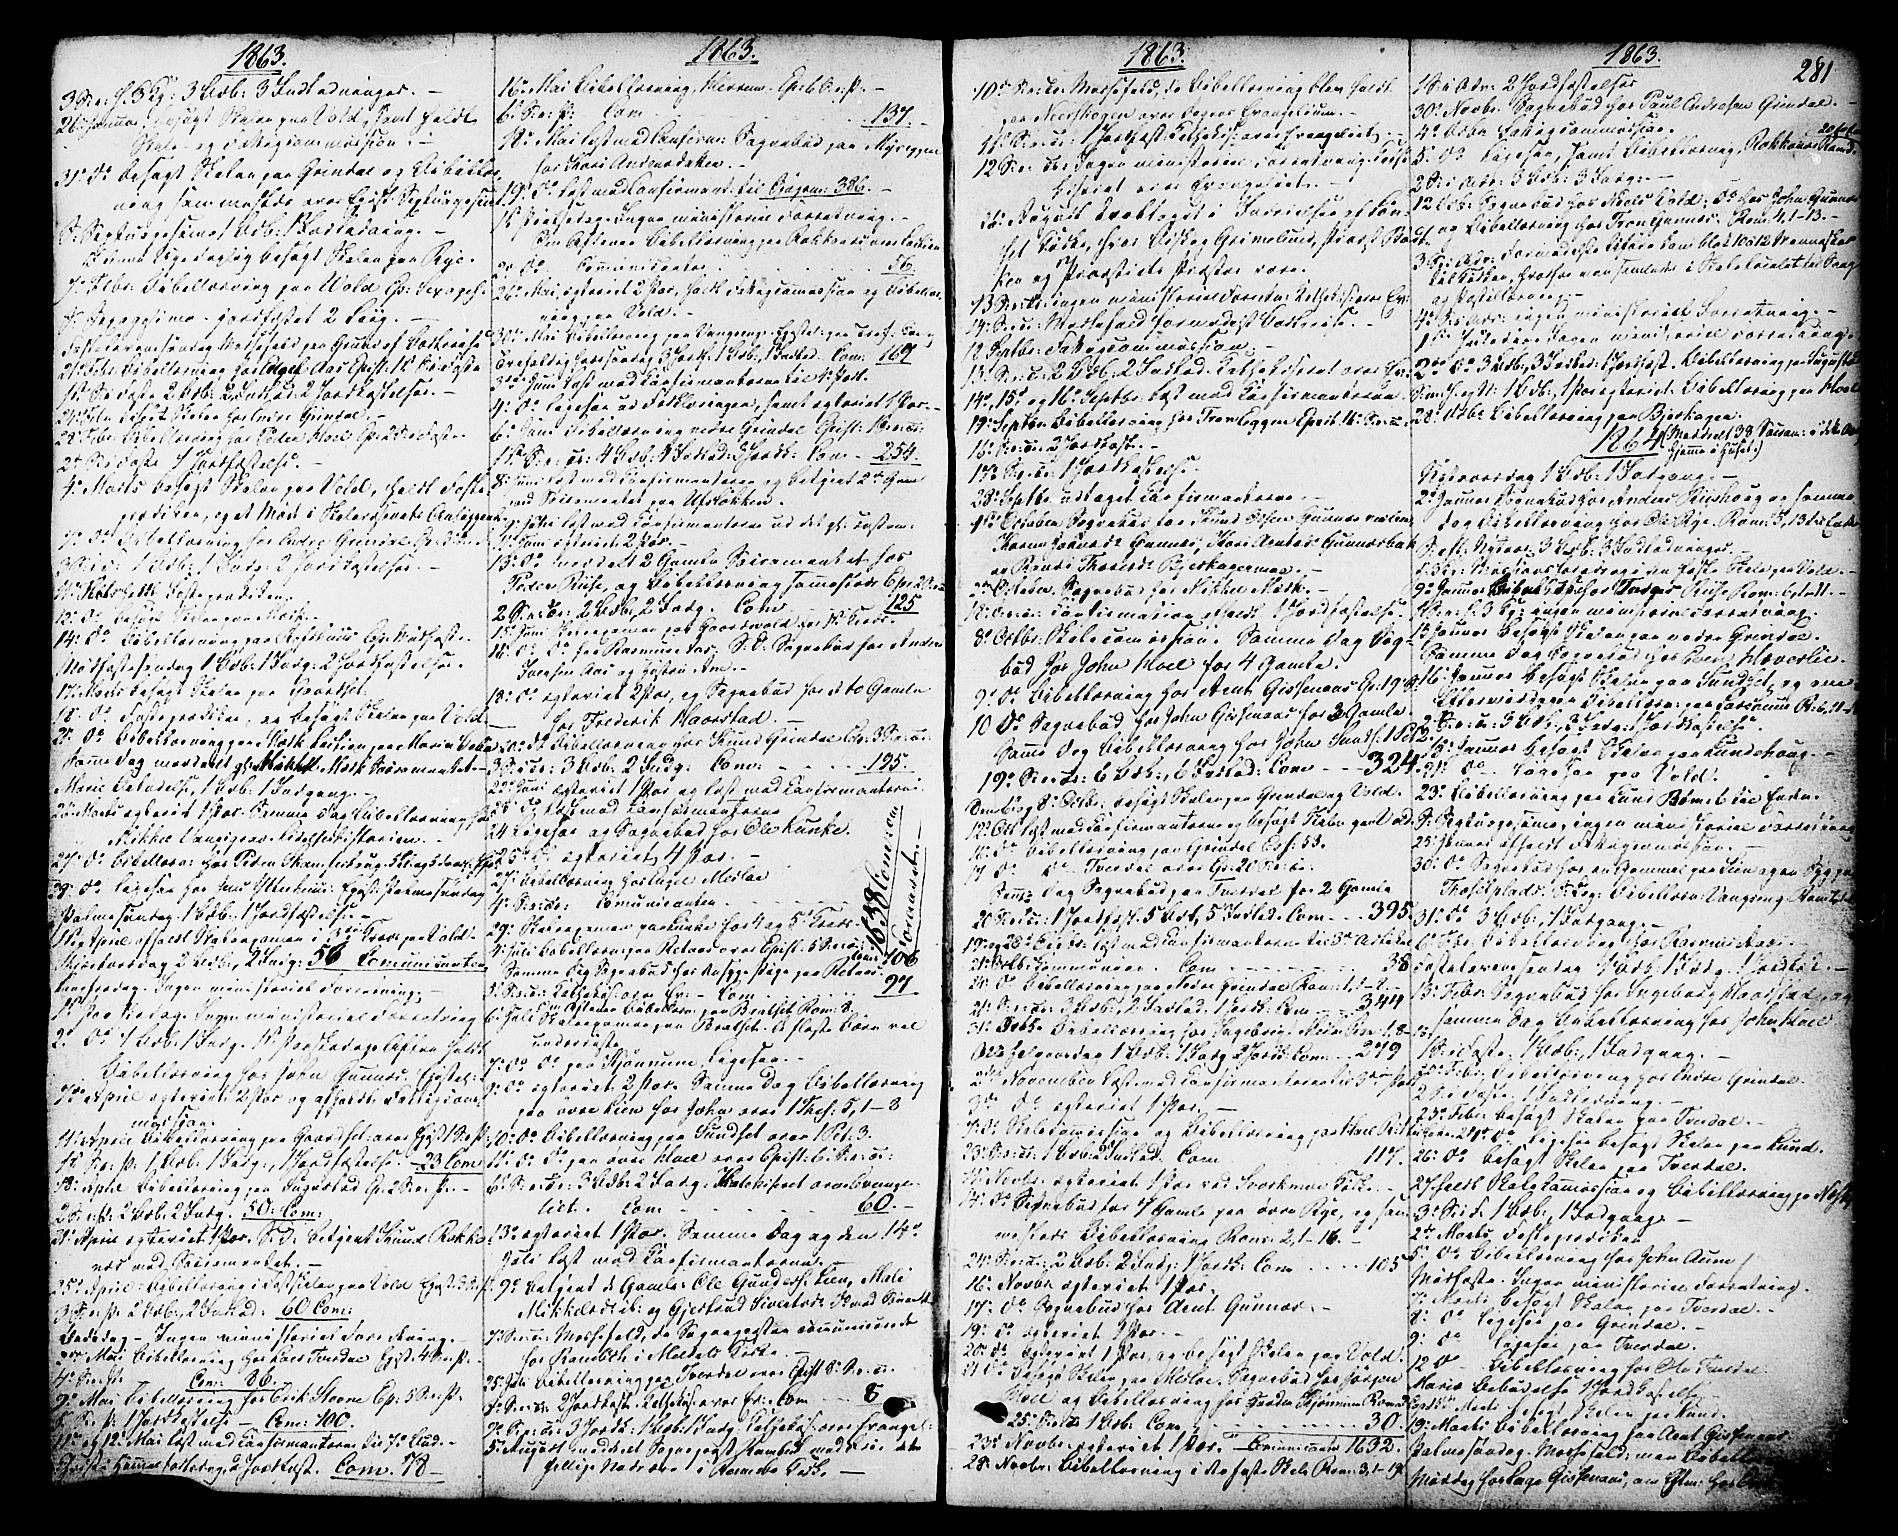 SAT, Ministerialprotokoller, klokkerbøker og fødselsregistre - Sør-Trøndelag, 674/L0870: Ministerialbok nr. 674A02, 1861-1879, s. 281